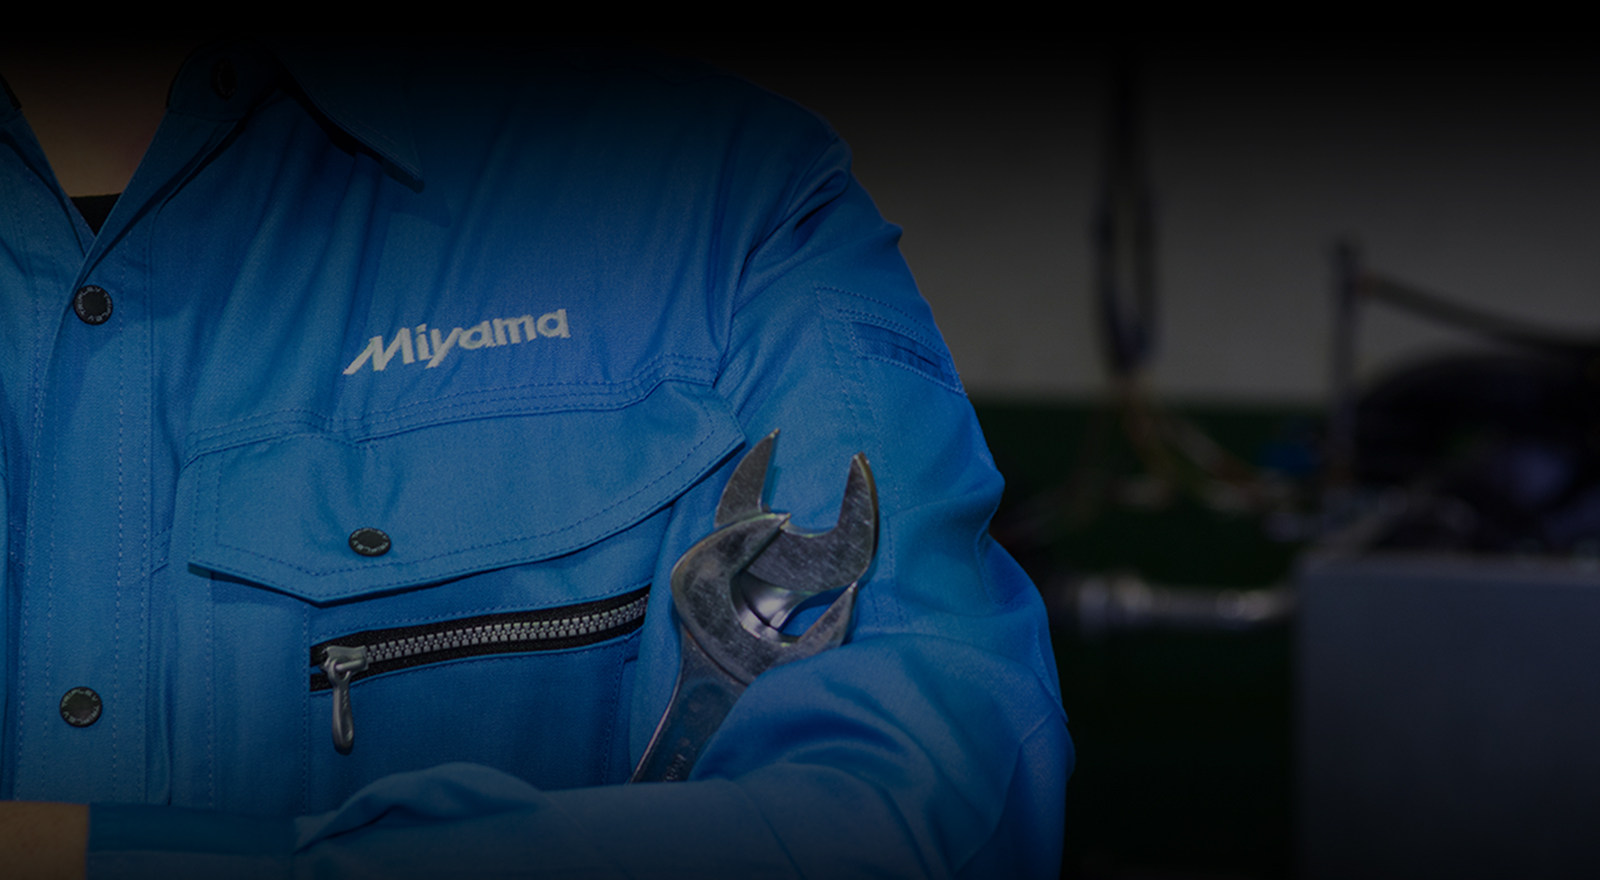 未来を創る仕事|ミヤマ株式会社